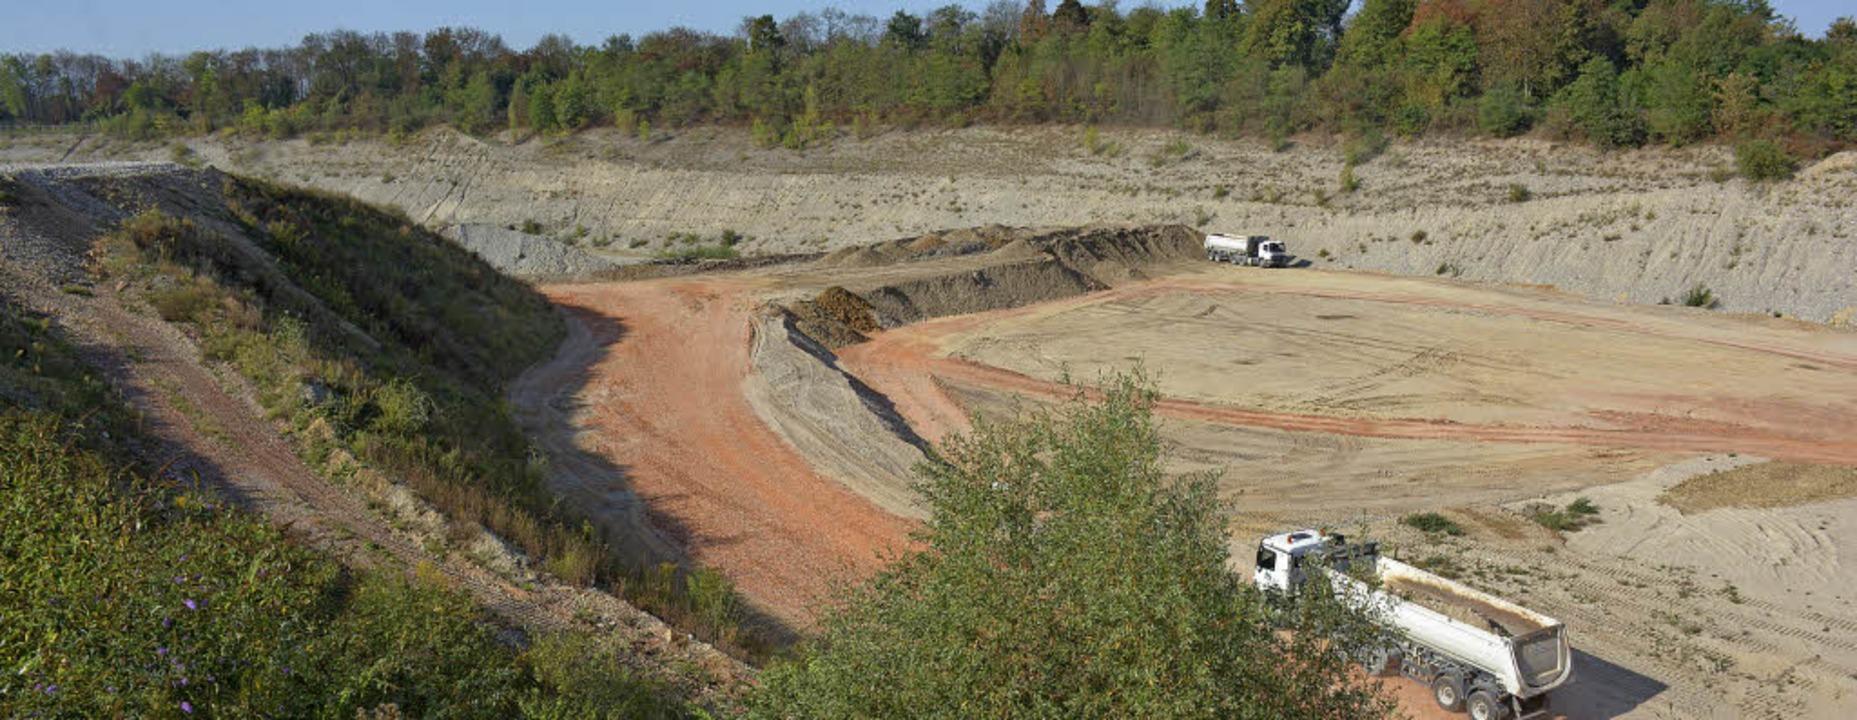 In der Holcim-Grube wird derzeit ein D... des umliegenden Geländes aufgefüllt.   | Foto: Lauber